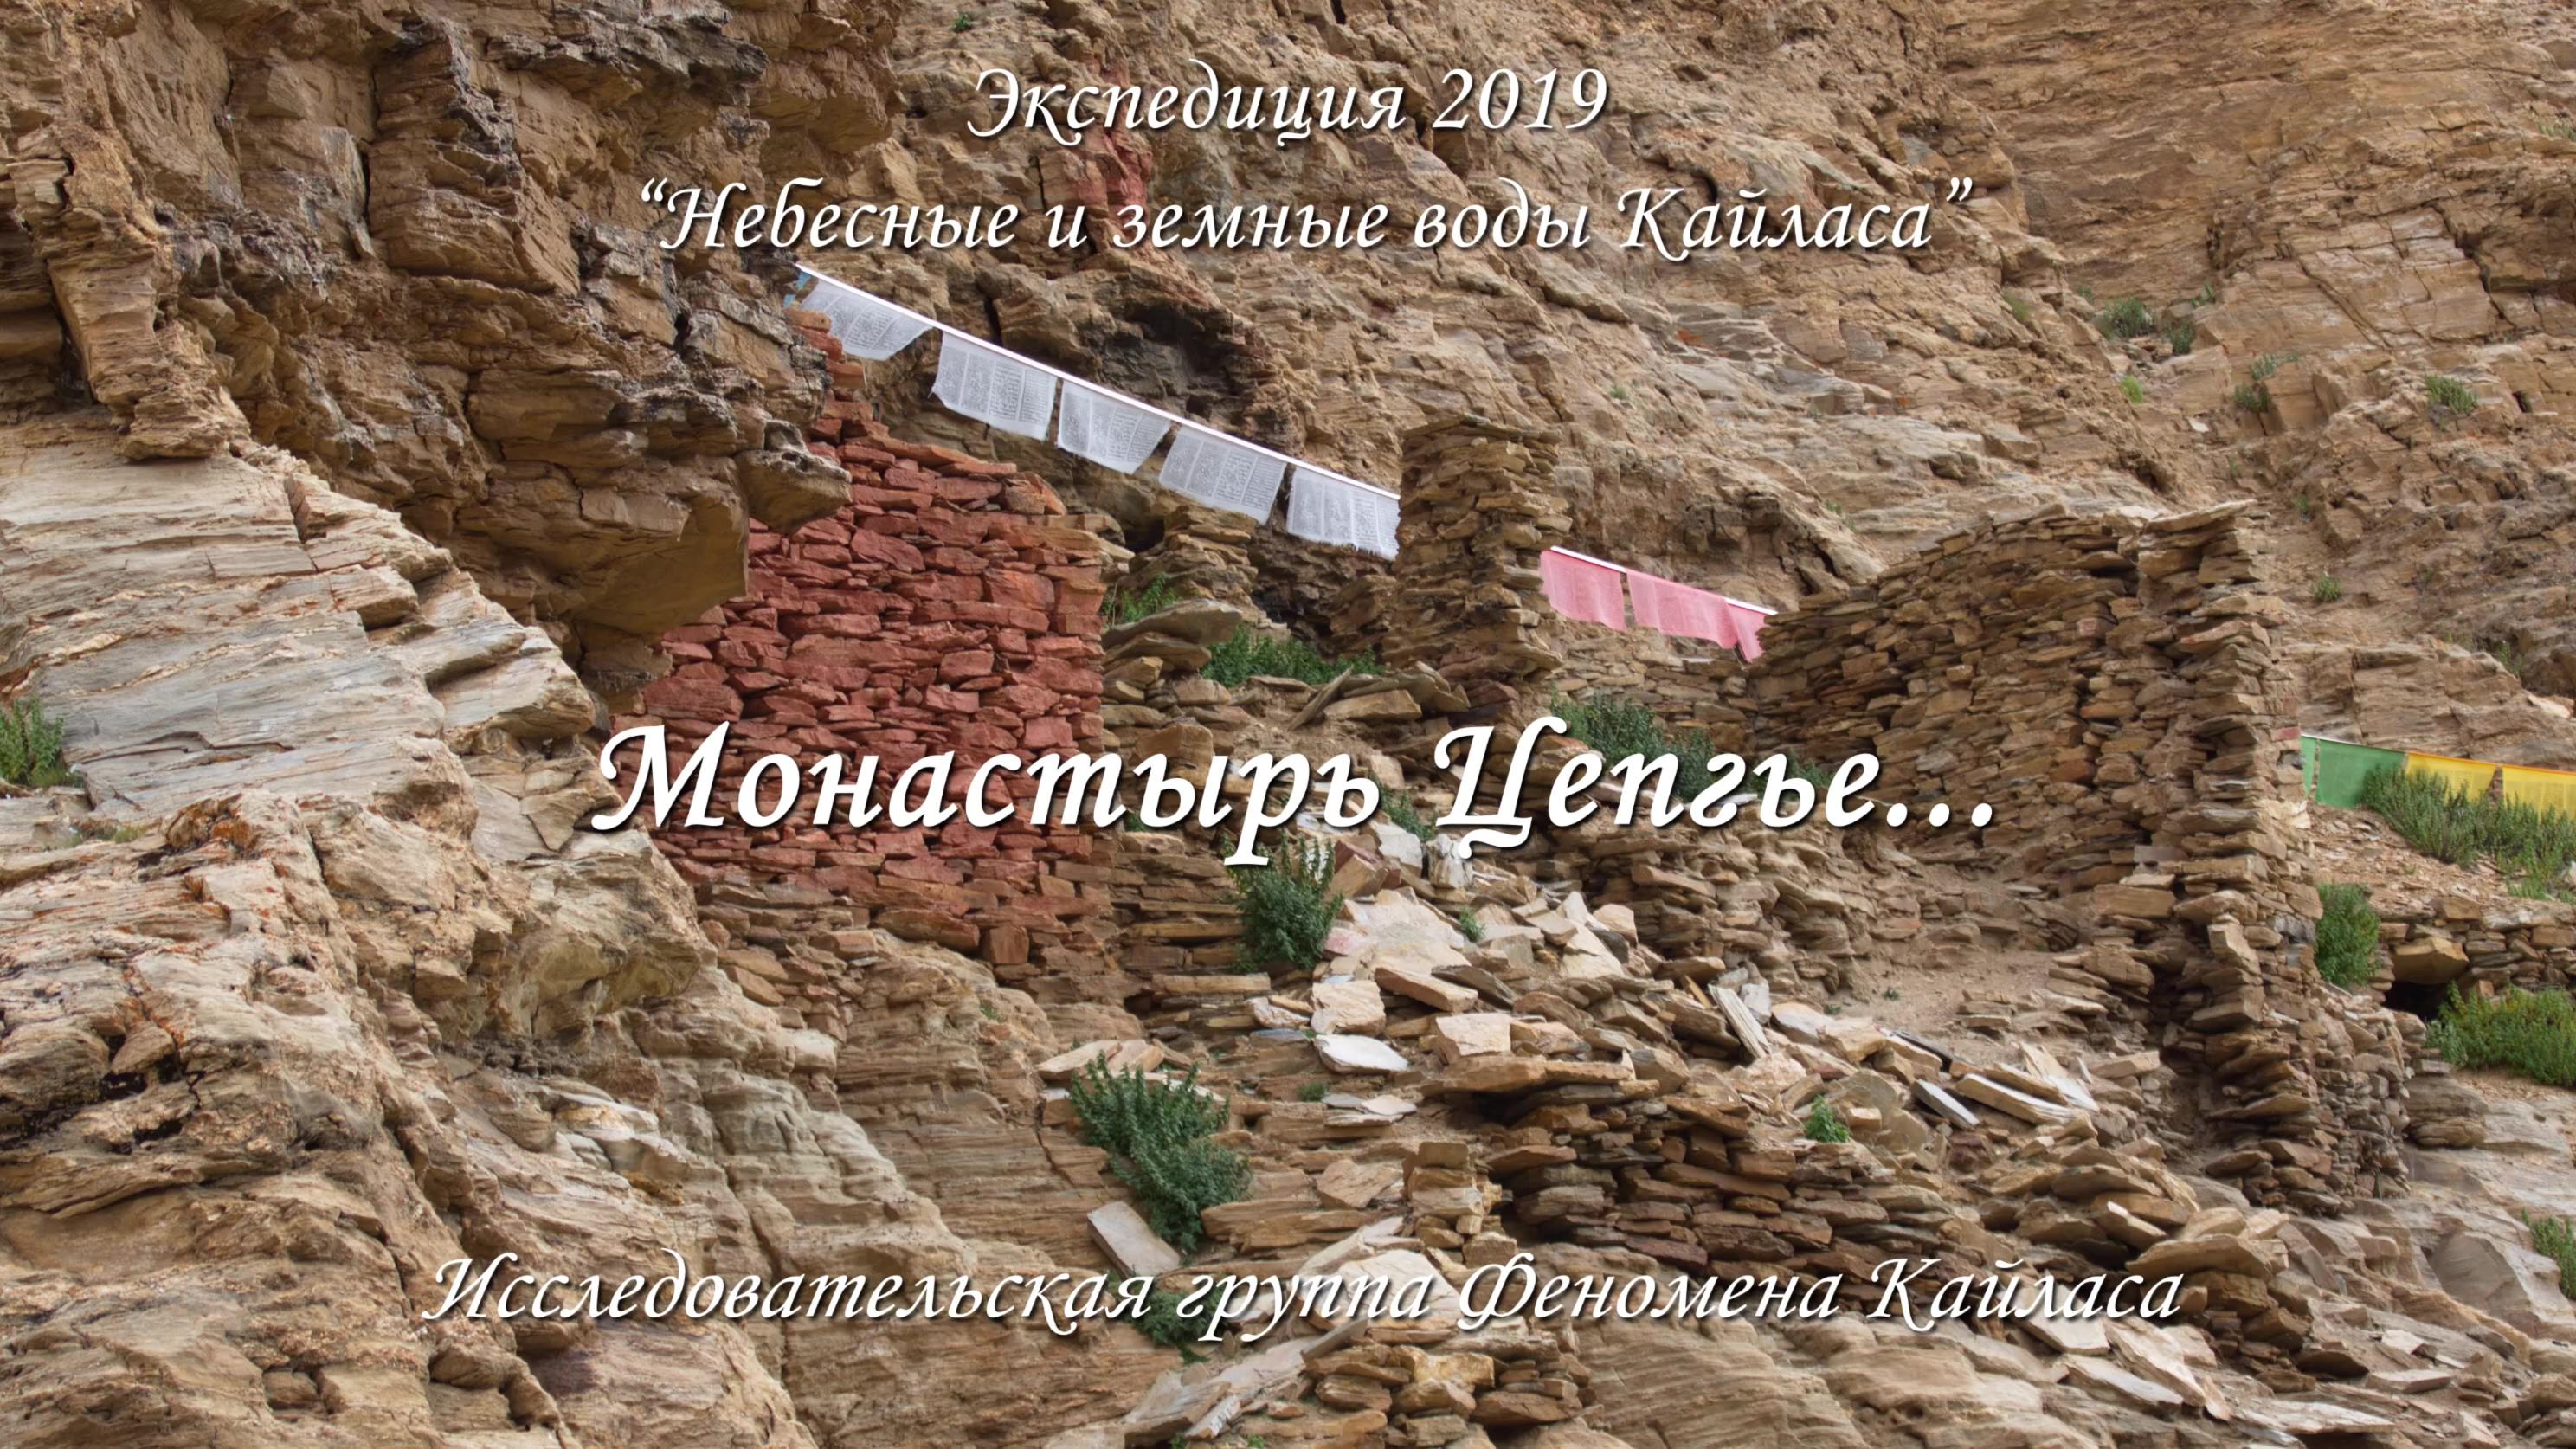 цепгье2019-2_Moment